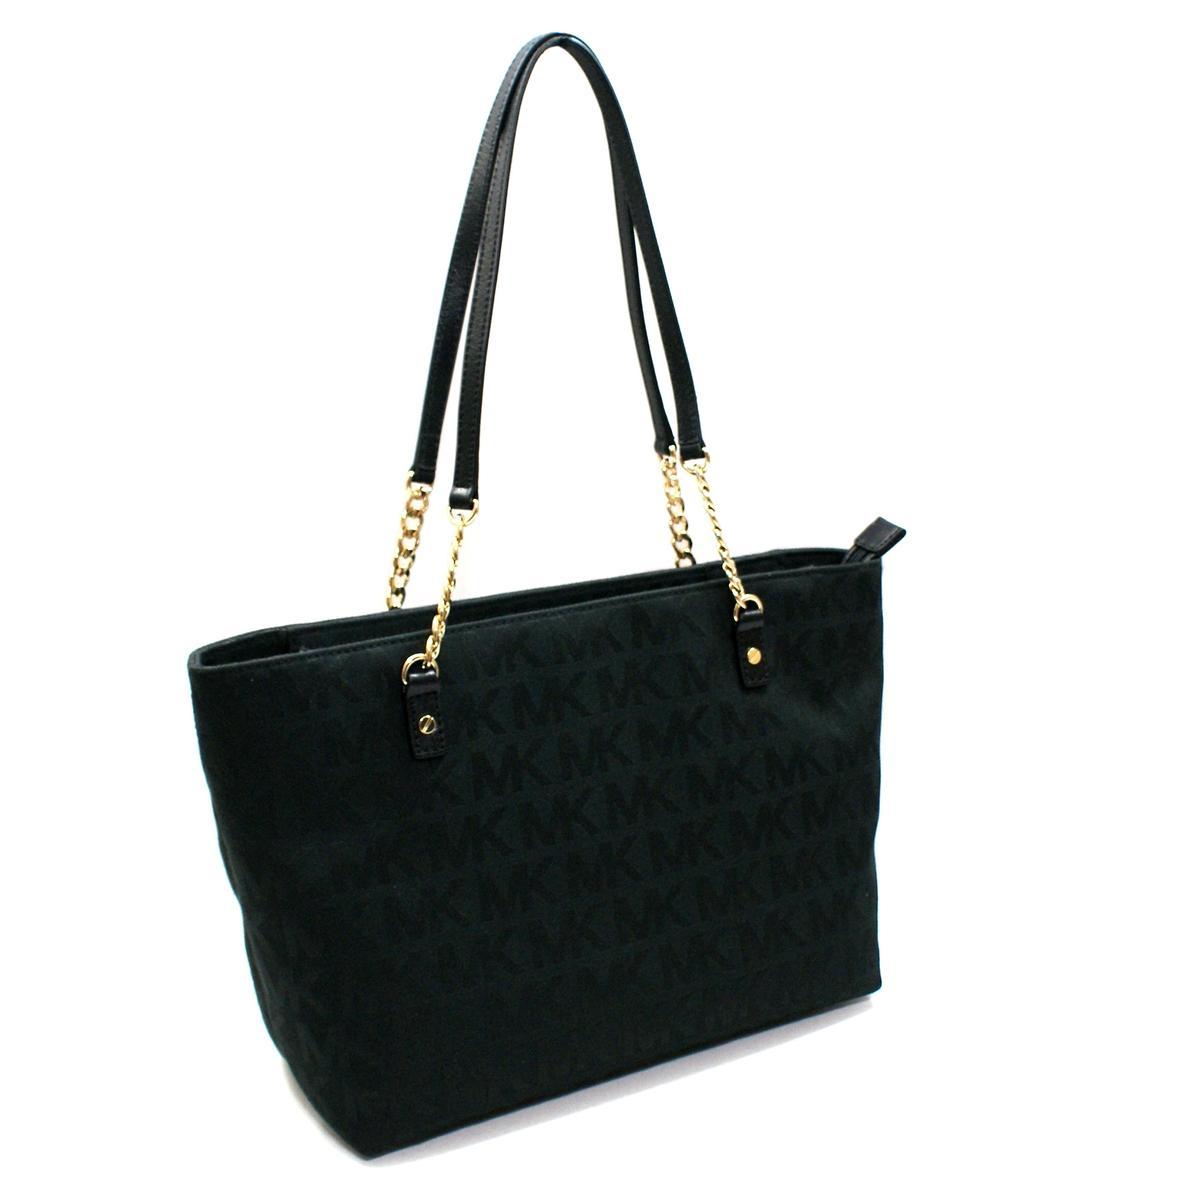 Michael Kors Jet Set Chain Shoulder Bag Black 99